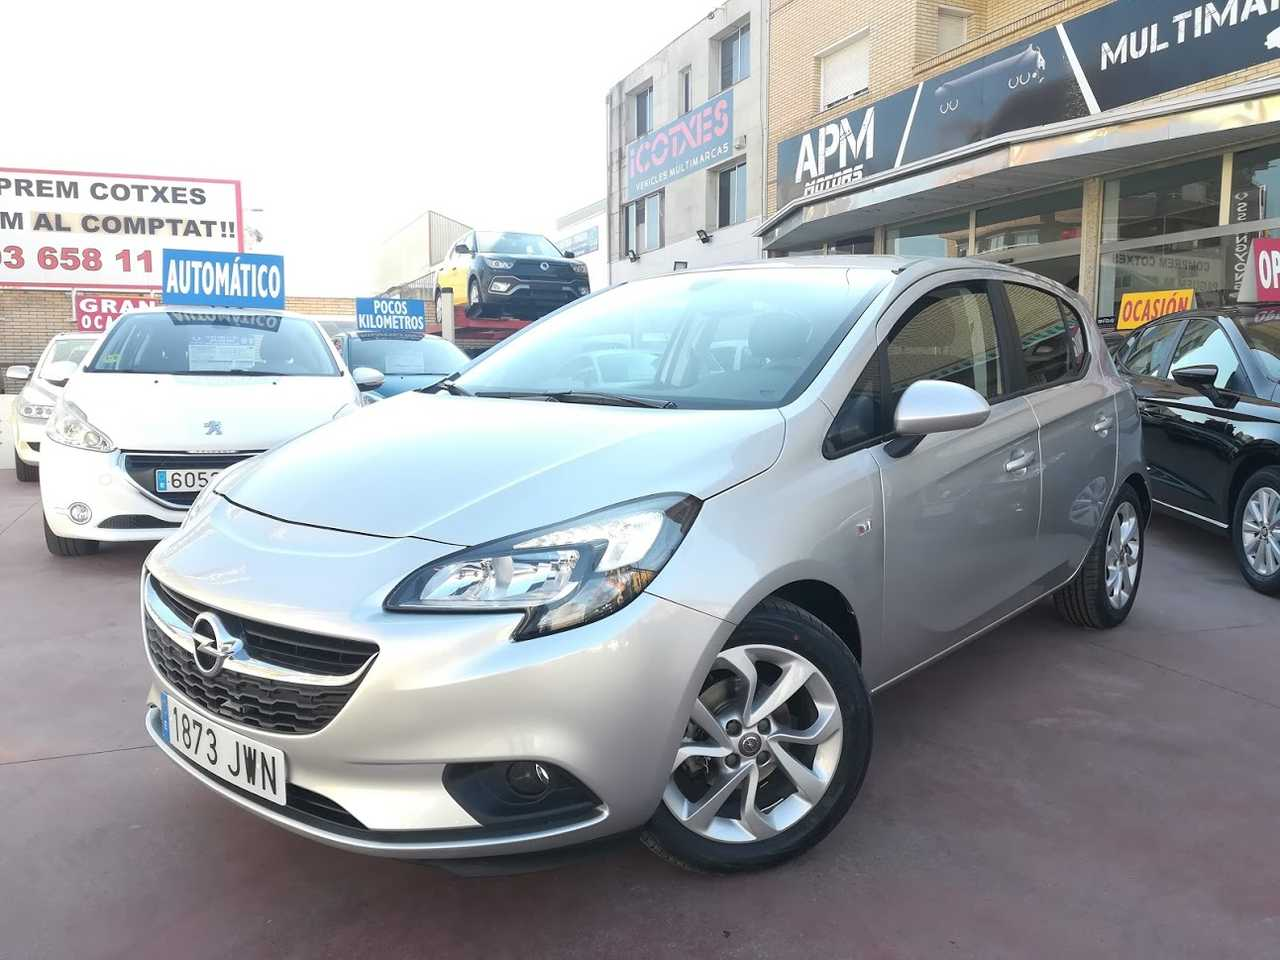 Opel Corsa 1.4 Selective   - Foto 1